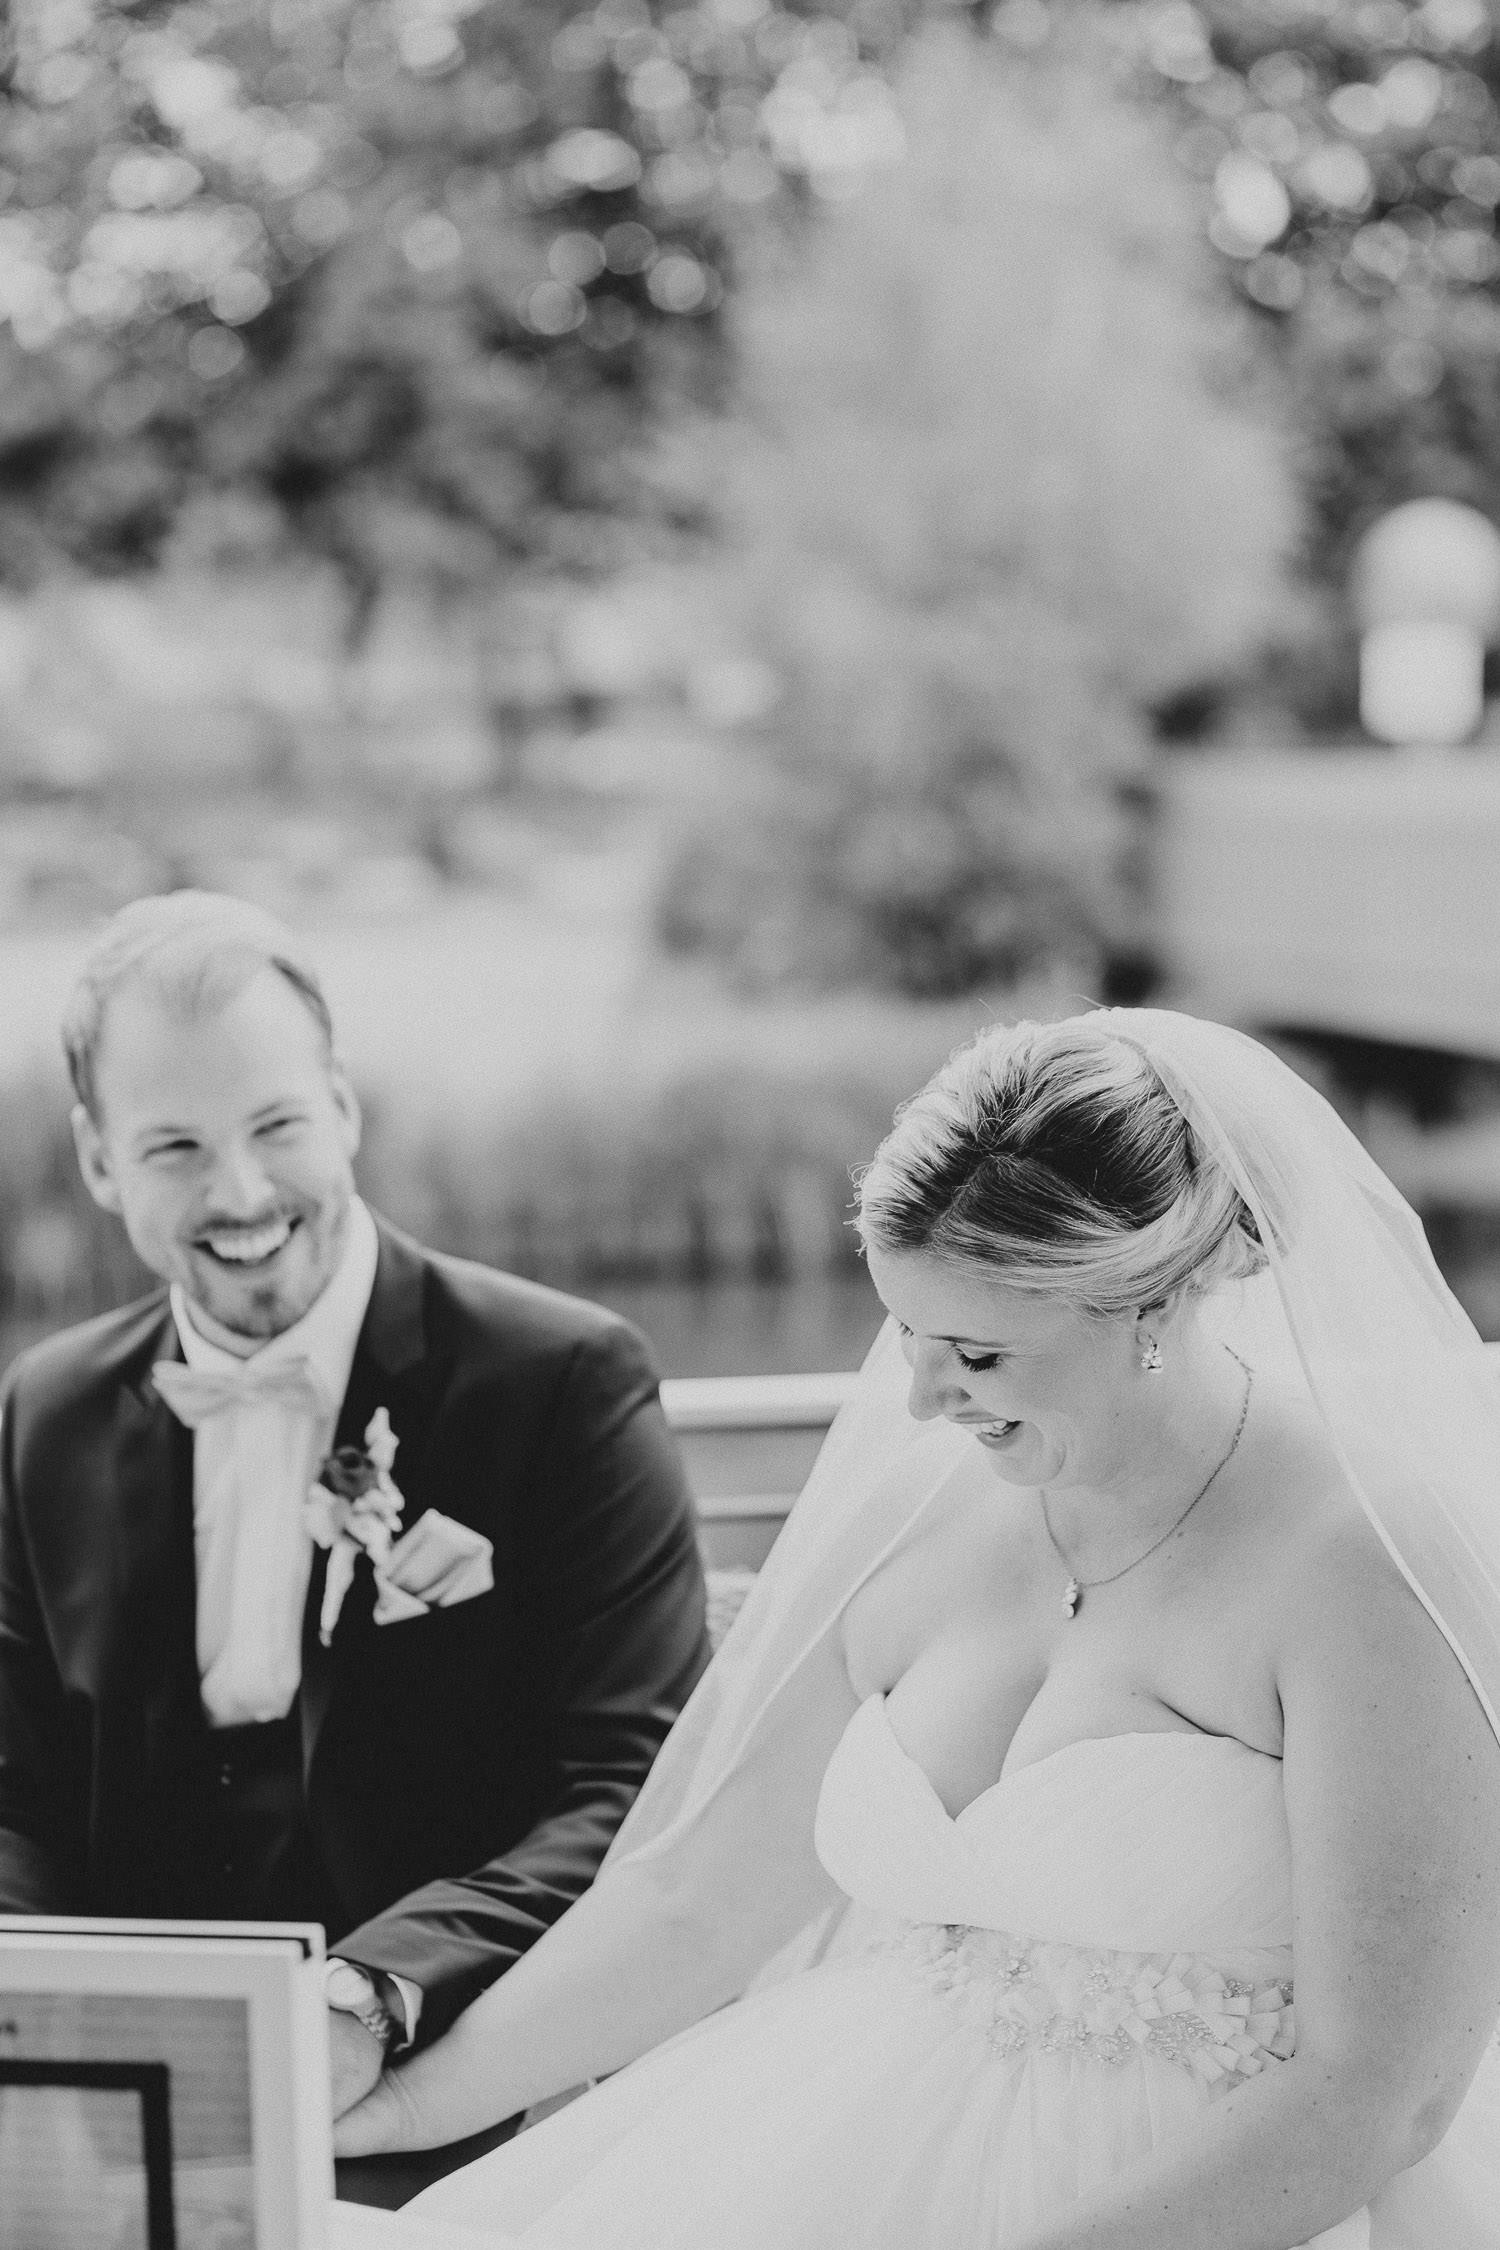 Brautpaar lacht bei der Trauung